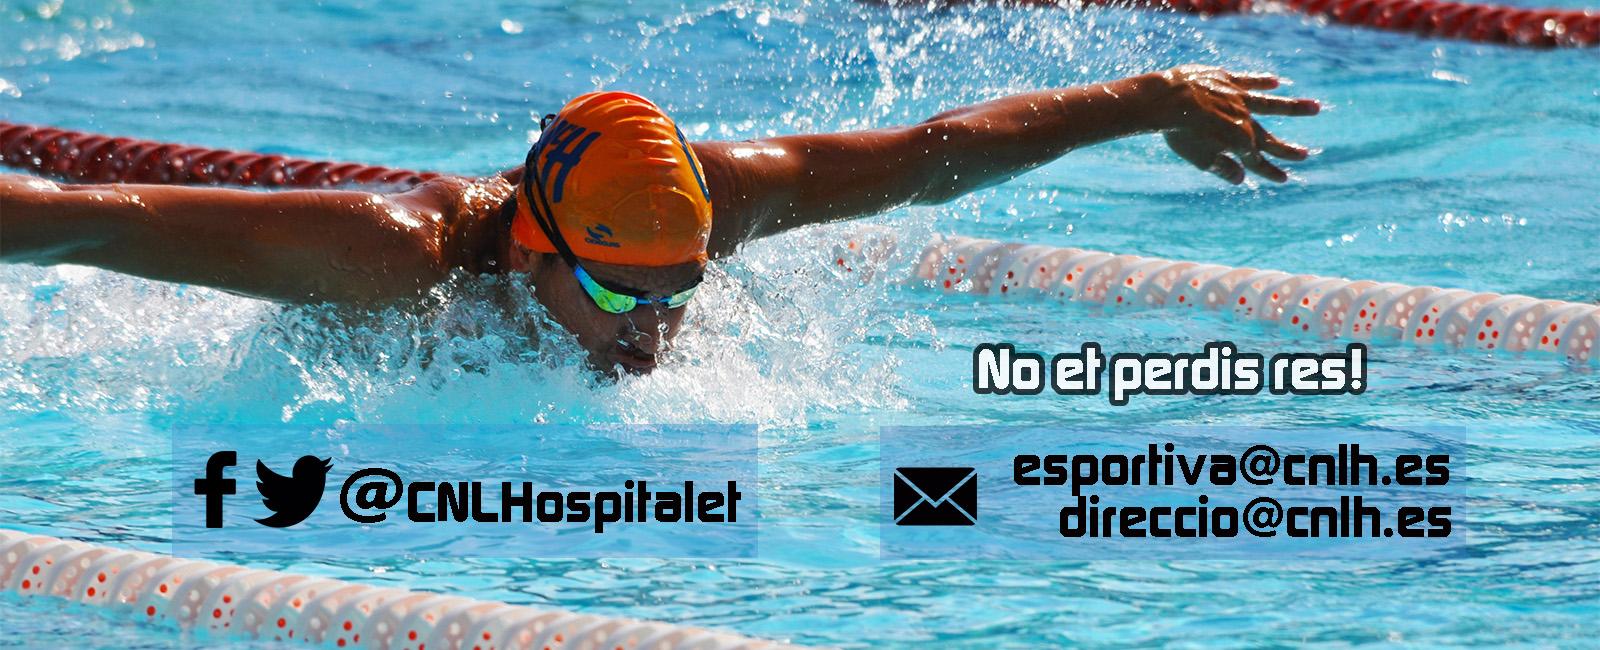 Club Natació L'Hospitalet: Contacte